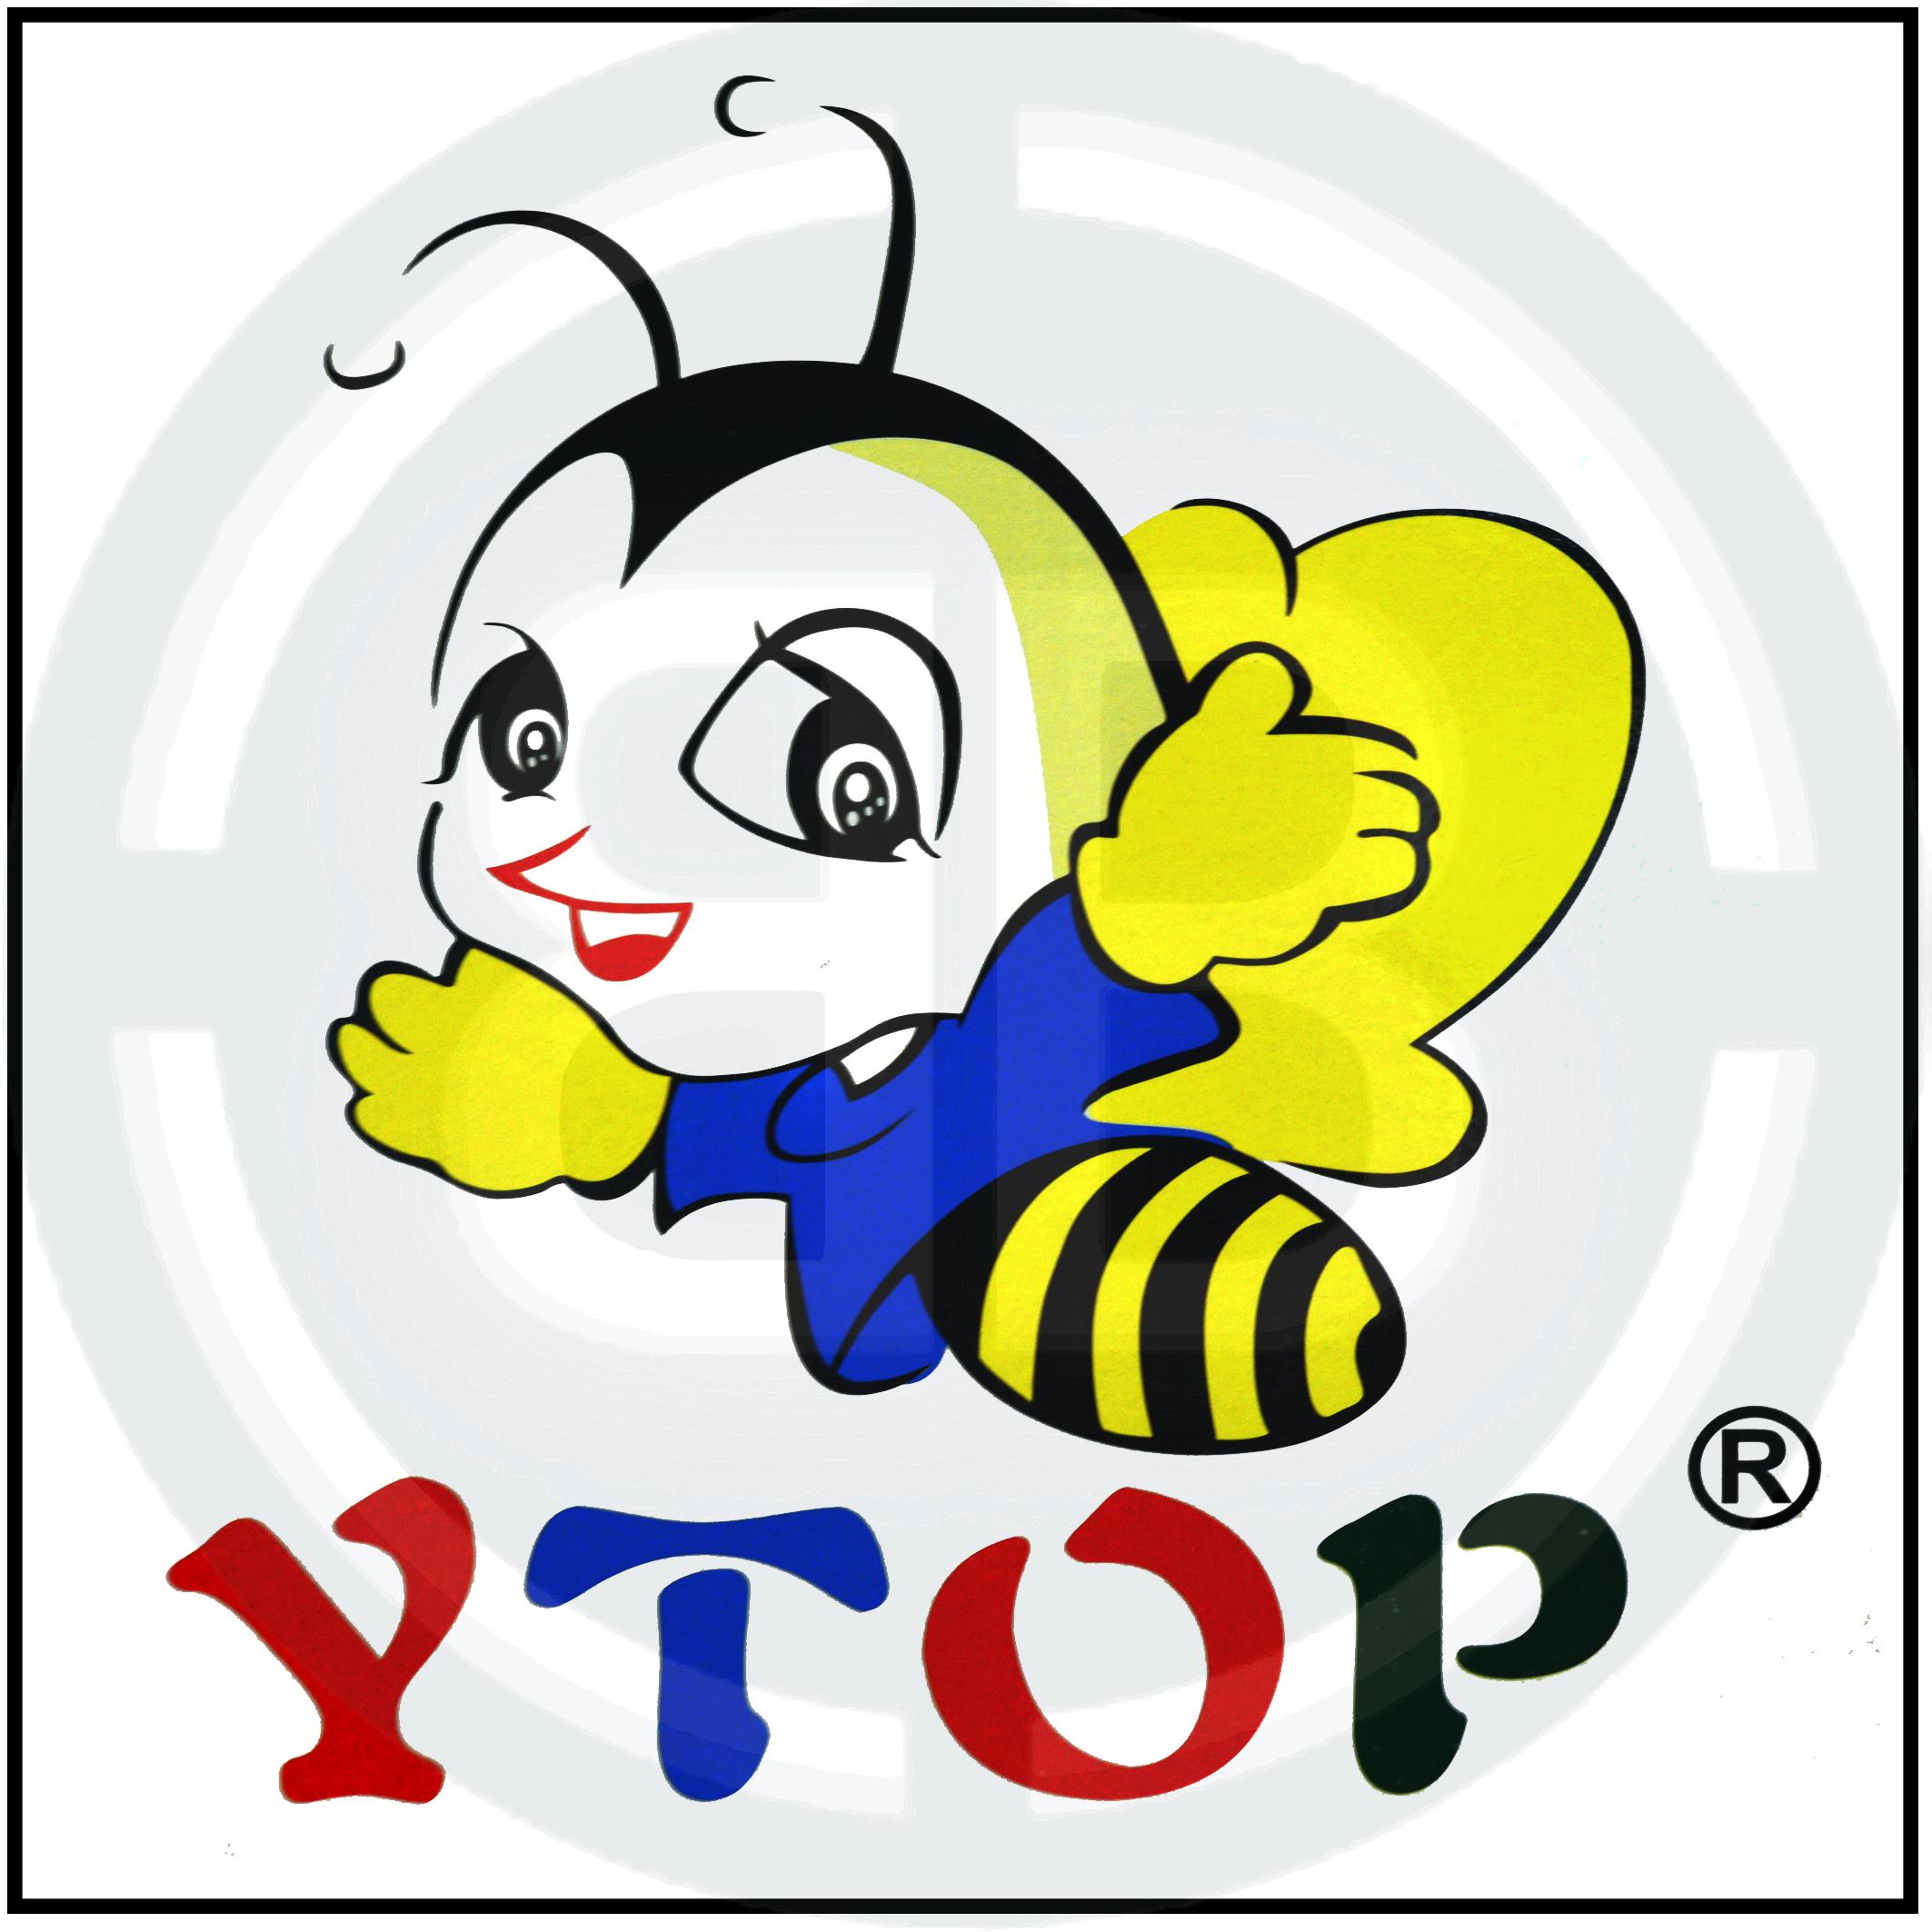 ��������� ����� ��� ����� ����� �� ��� ������ Y.TOP.